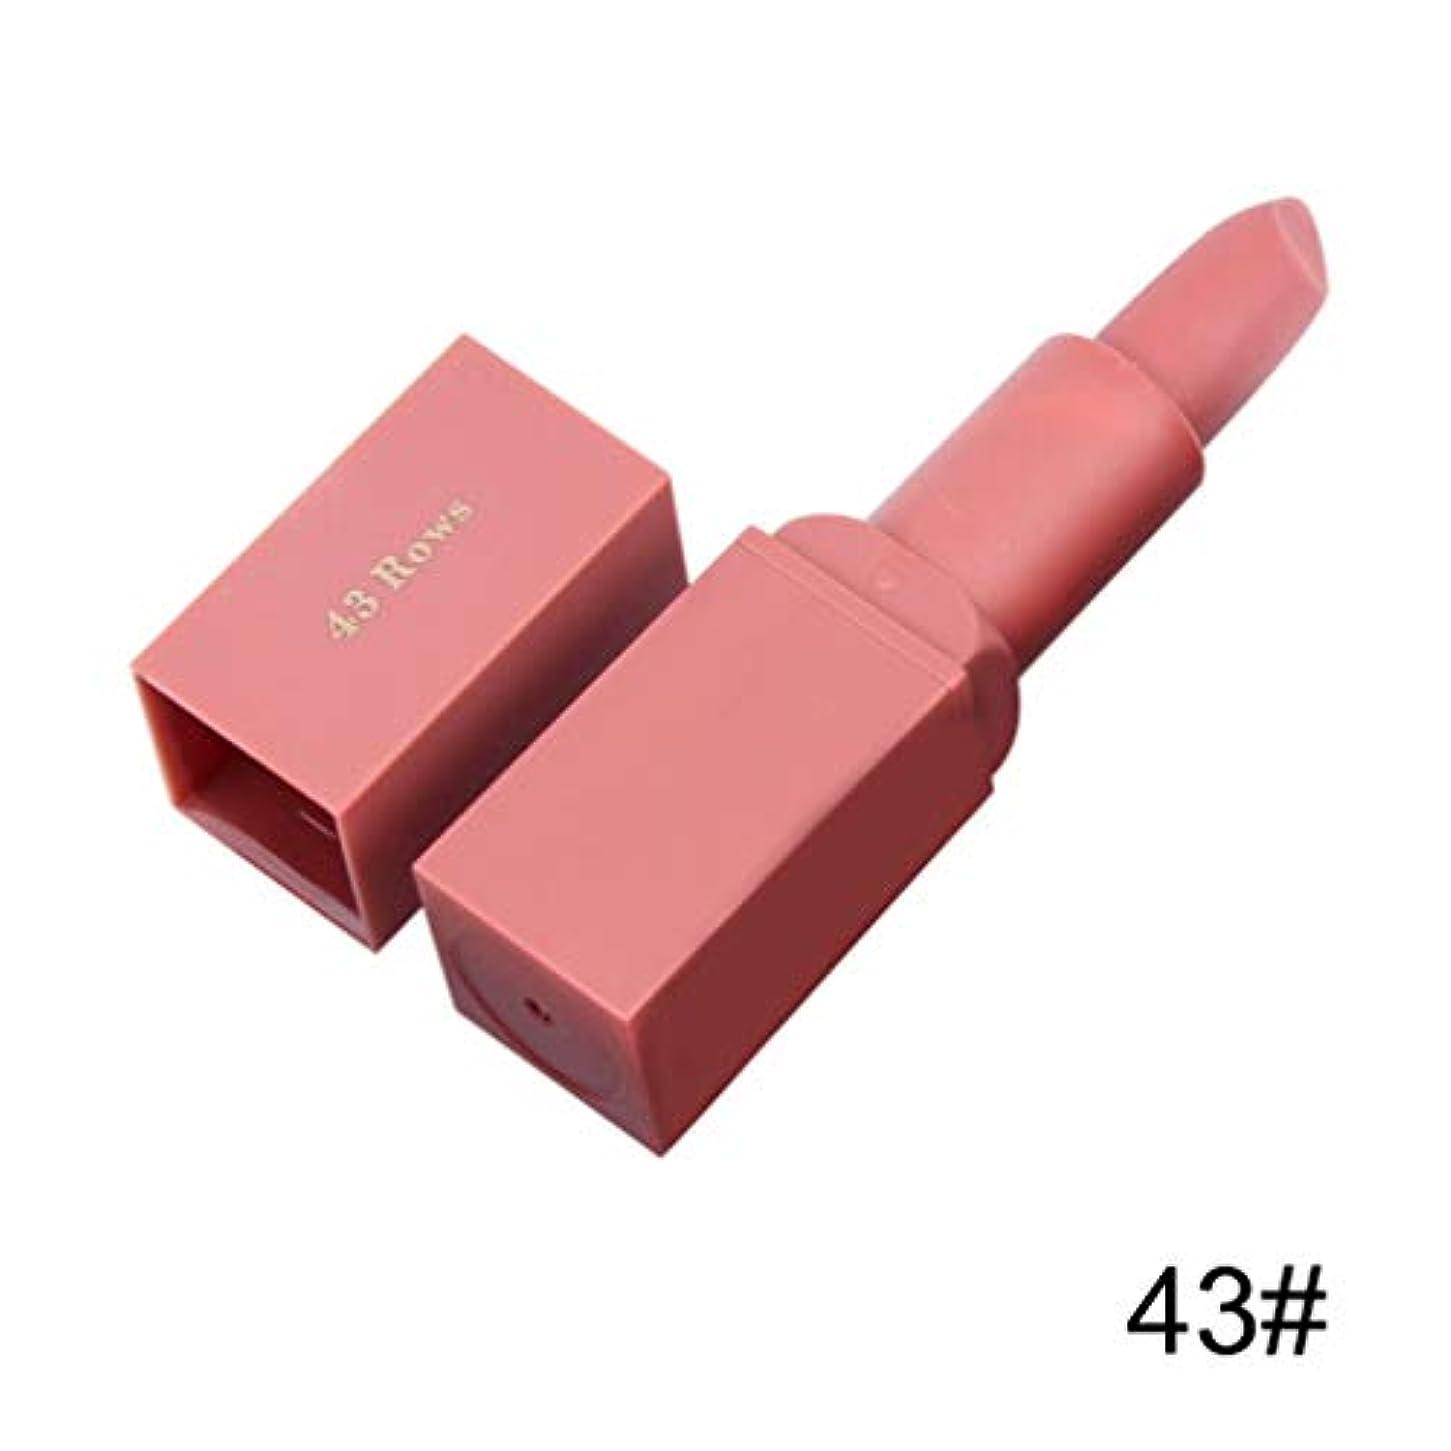 豆腐付録うれしい化粧品マットリップスティックラスティングセクシーな唇の色の女性のリップメイクアップ口紅天然保湿防水ロング